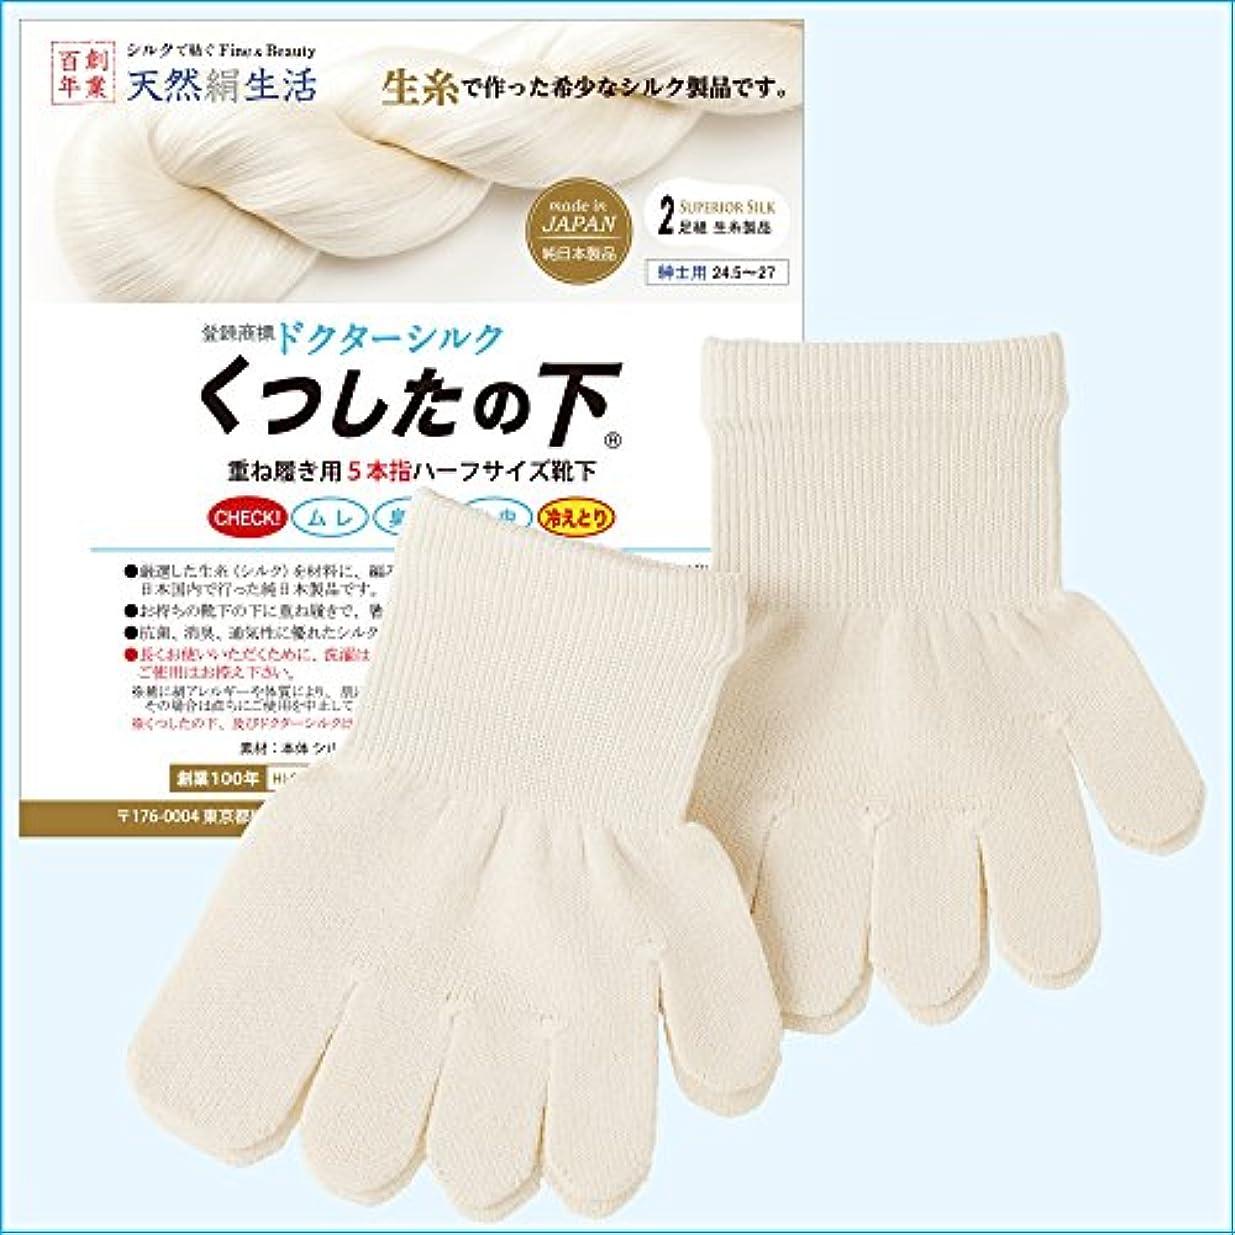 【純日本製】最高峰シルク 生糸 の5本指靴下-紳士用2足組『くつしたの下』生成り/蒸れ?水虫にも